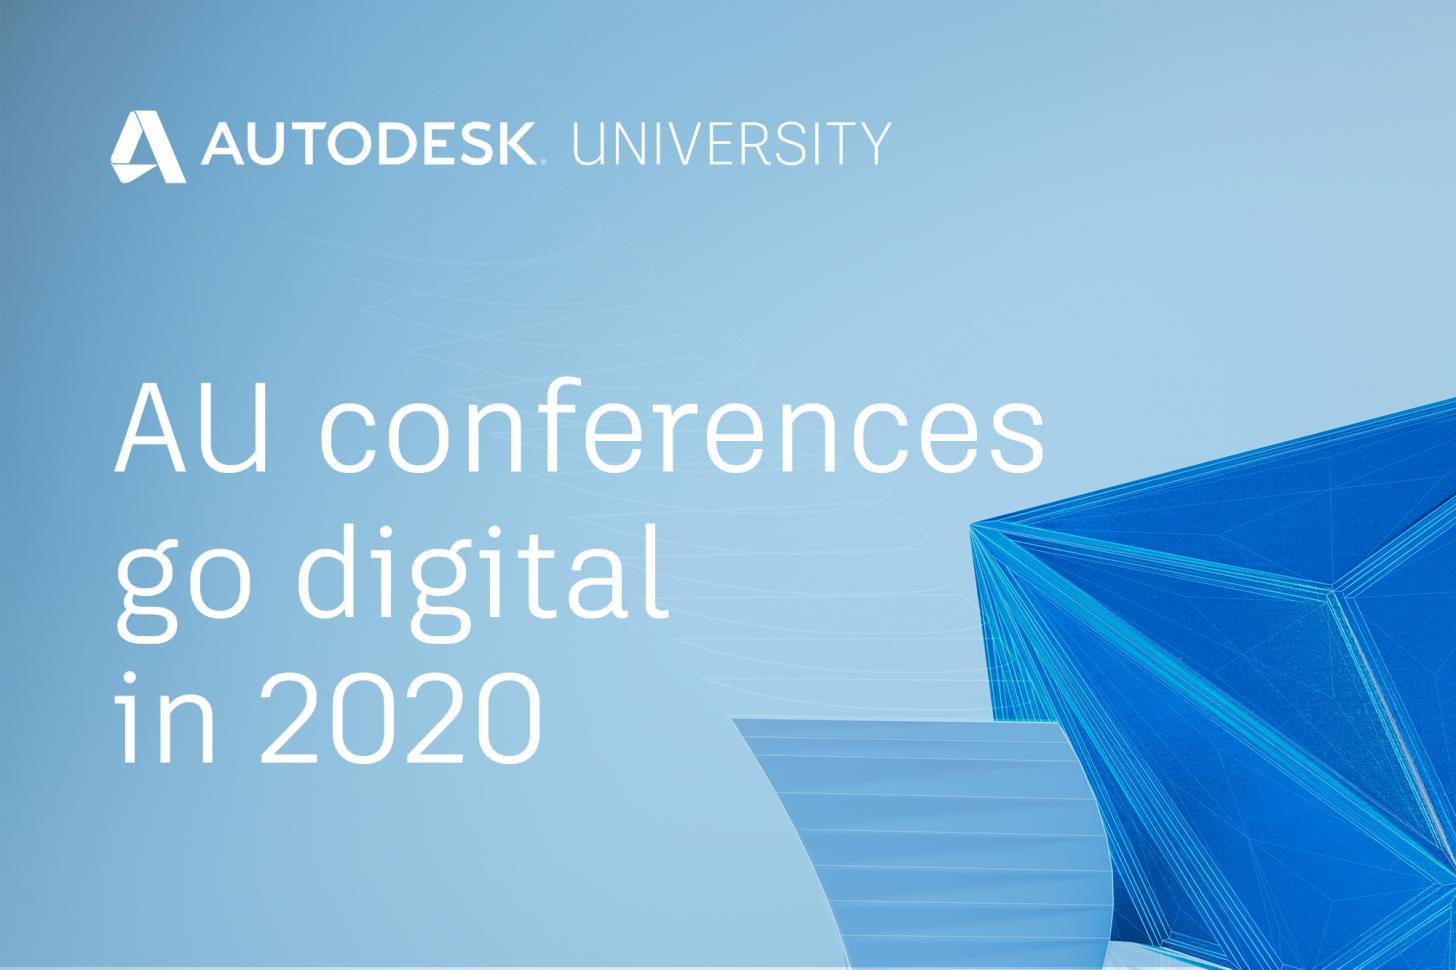 AU goes digital